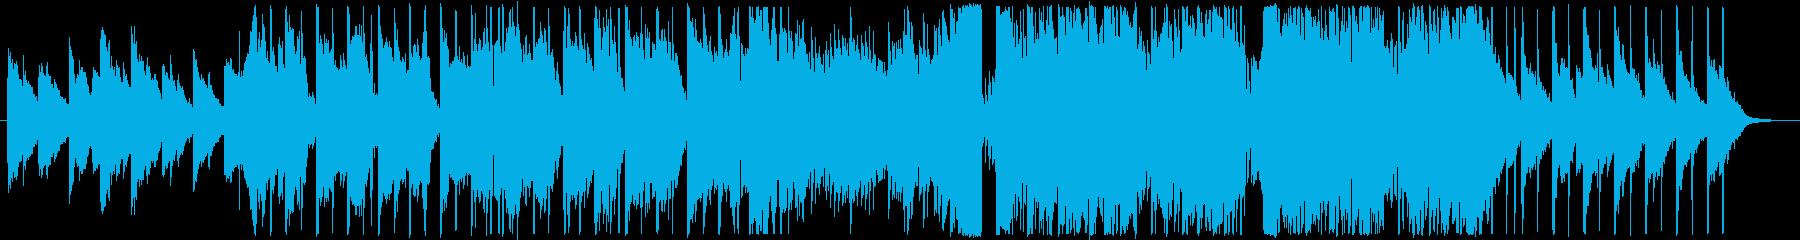 美しい感動系ピアノから壮大なエレクトロの再生済みの波形